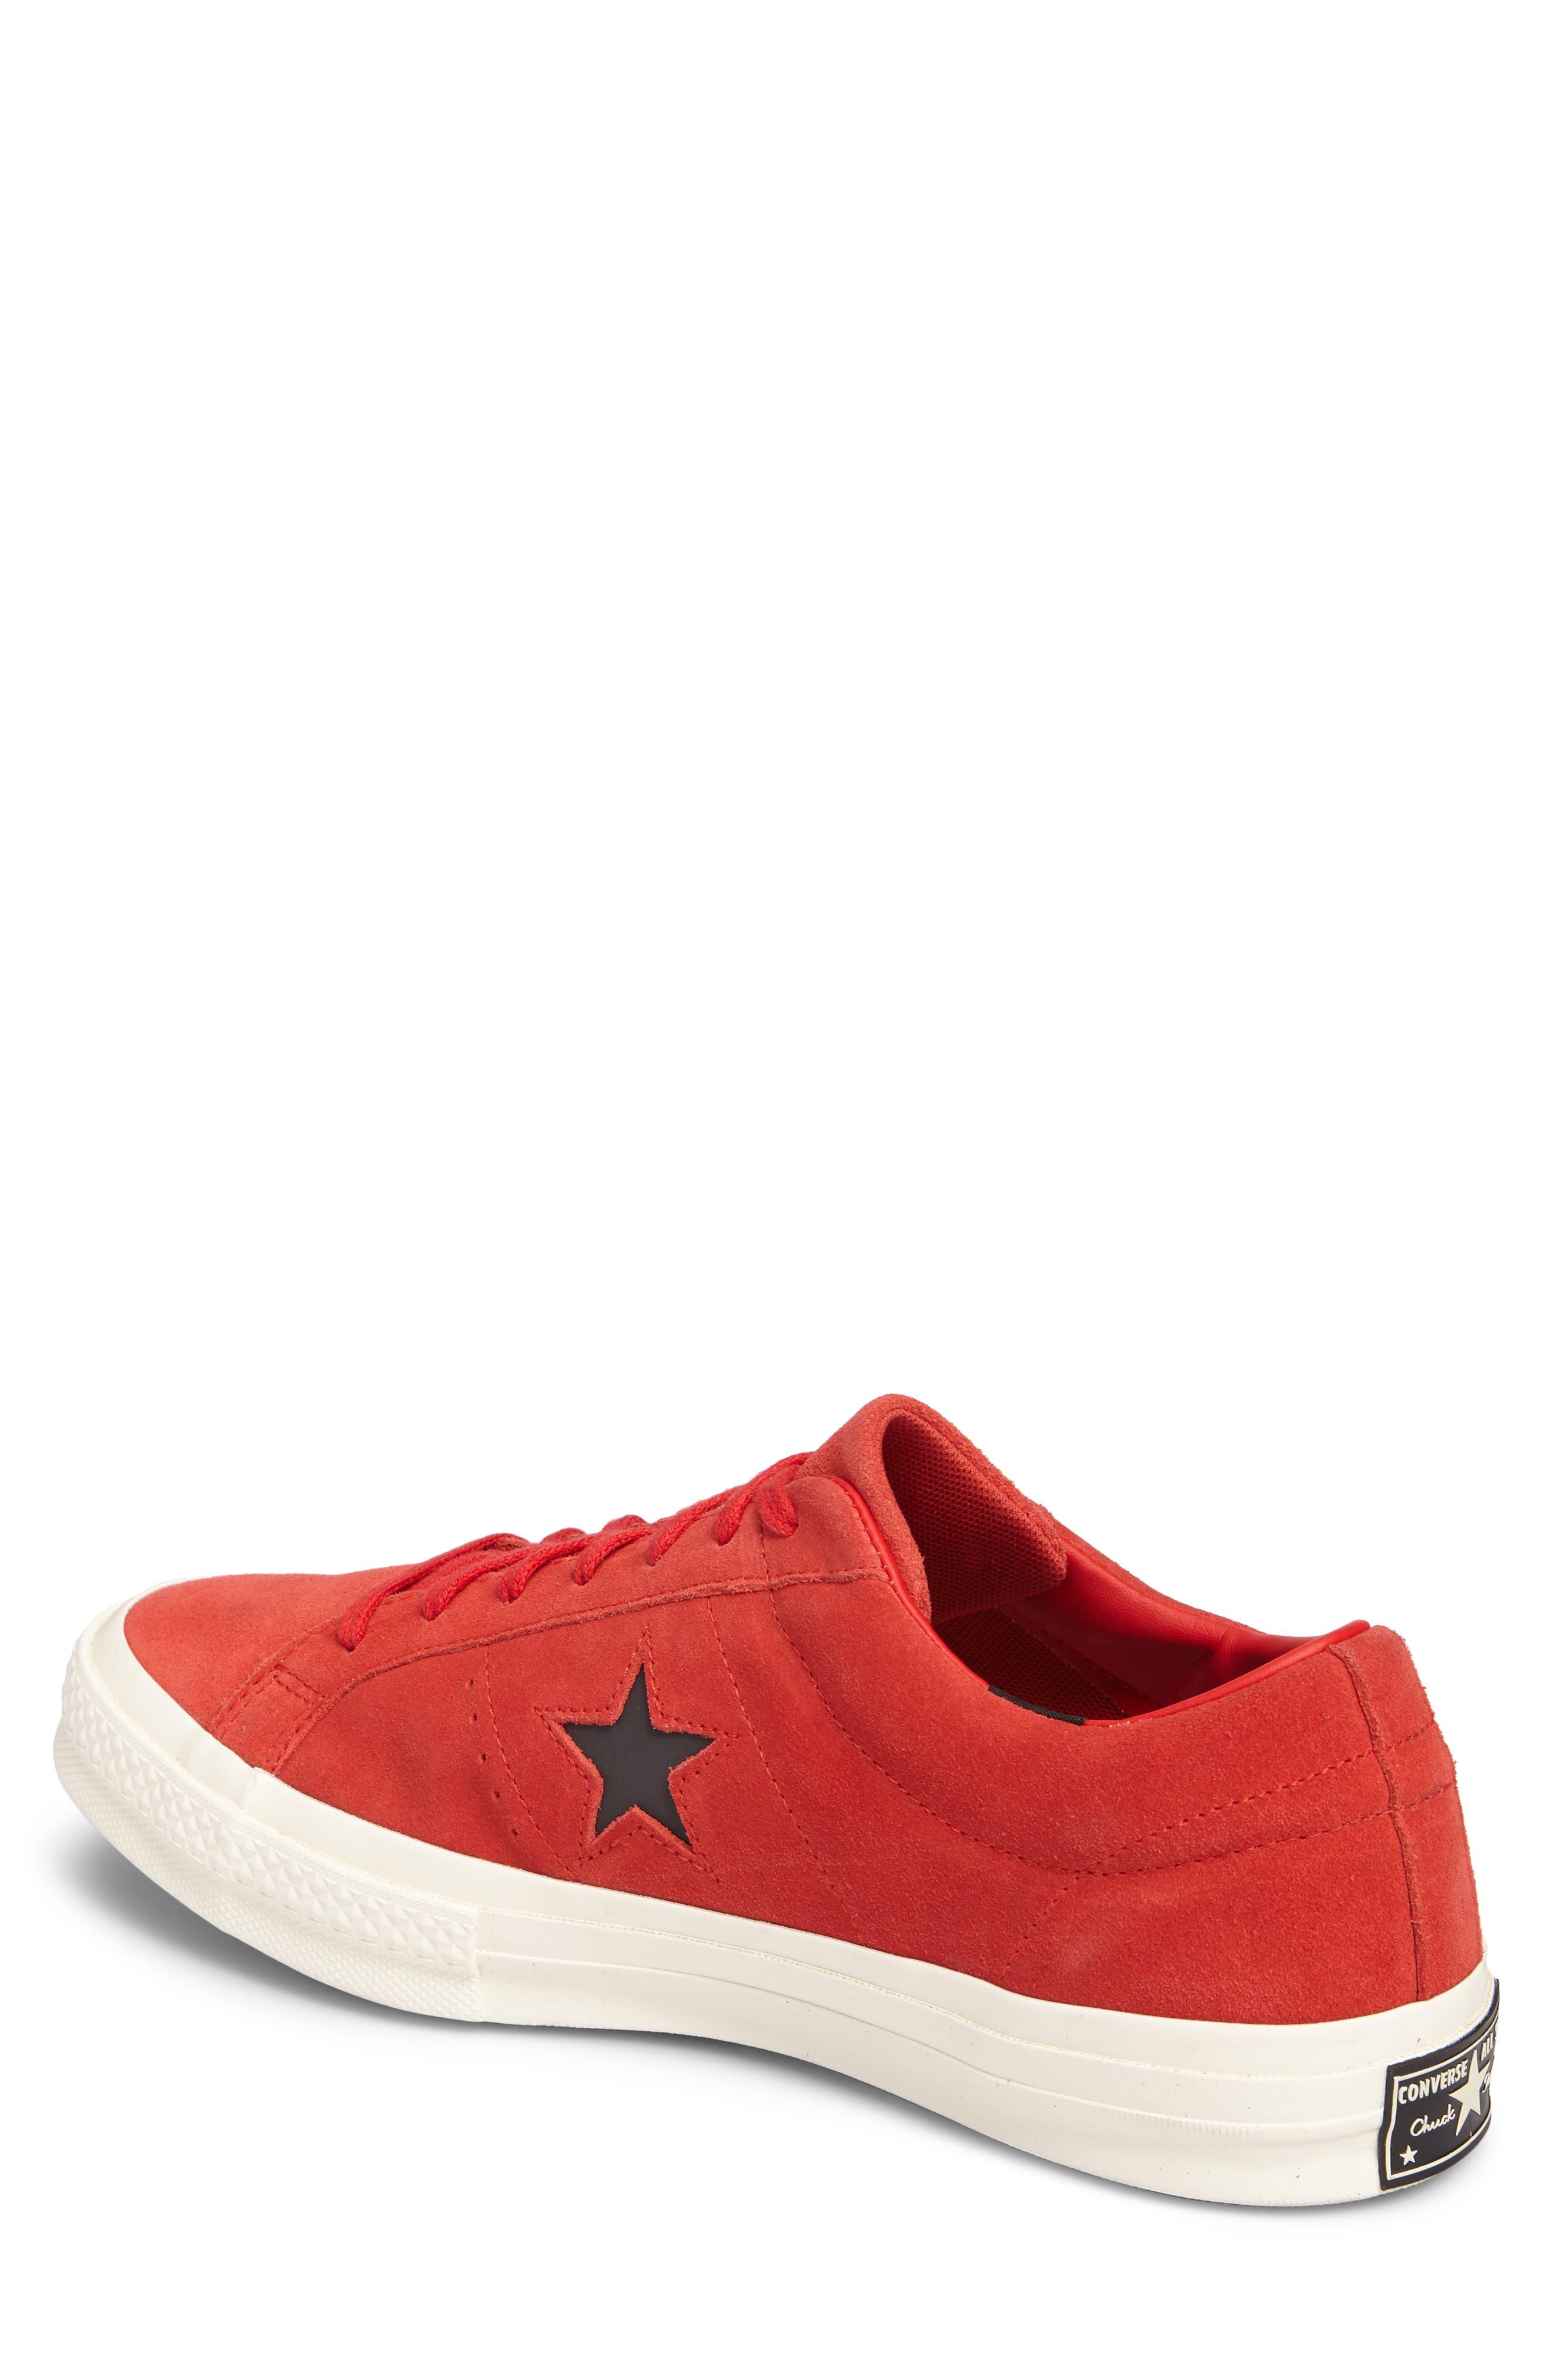 One Star Sneaker,                             Alternate thumbnail 6, color,